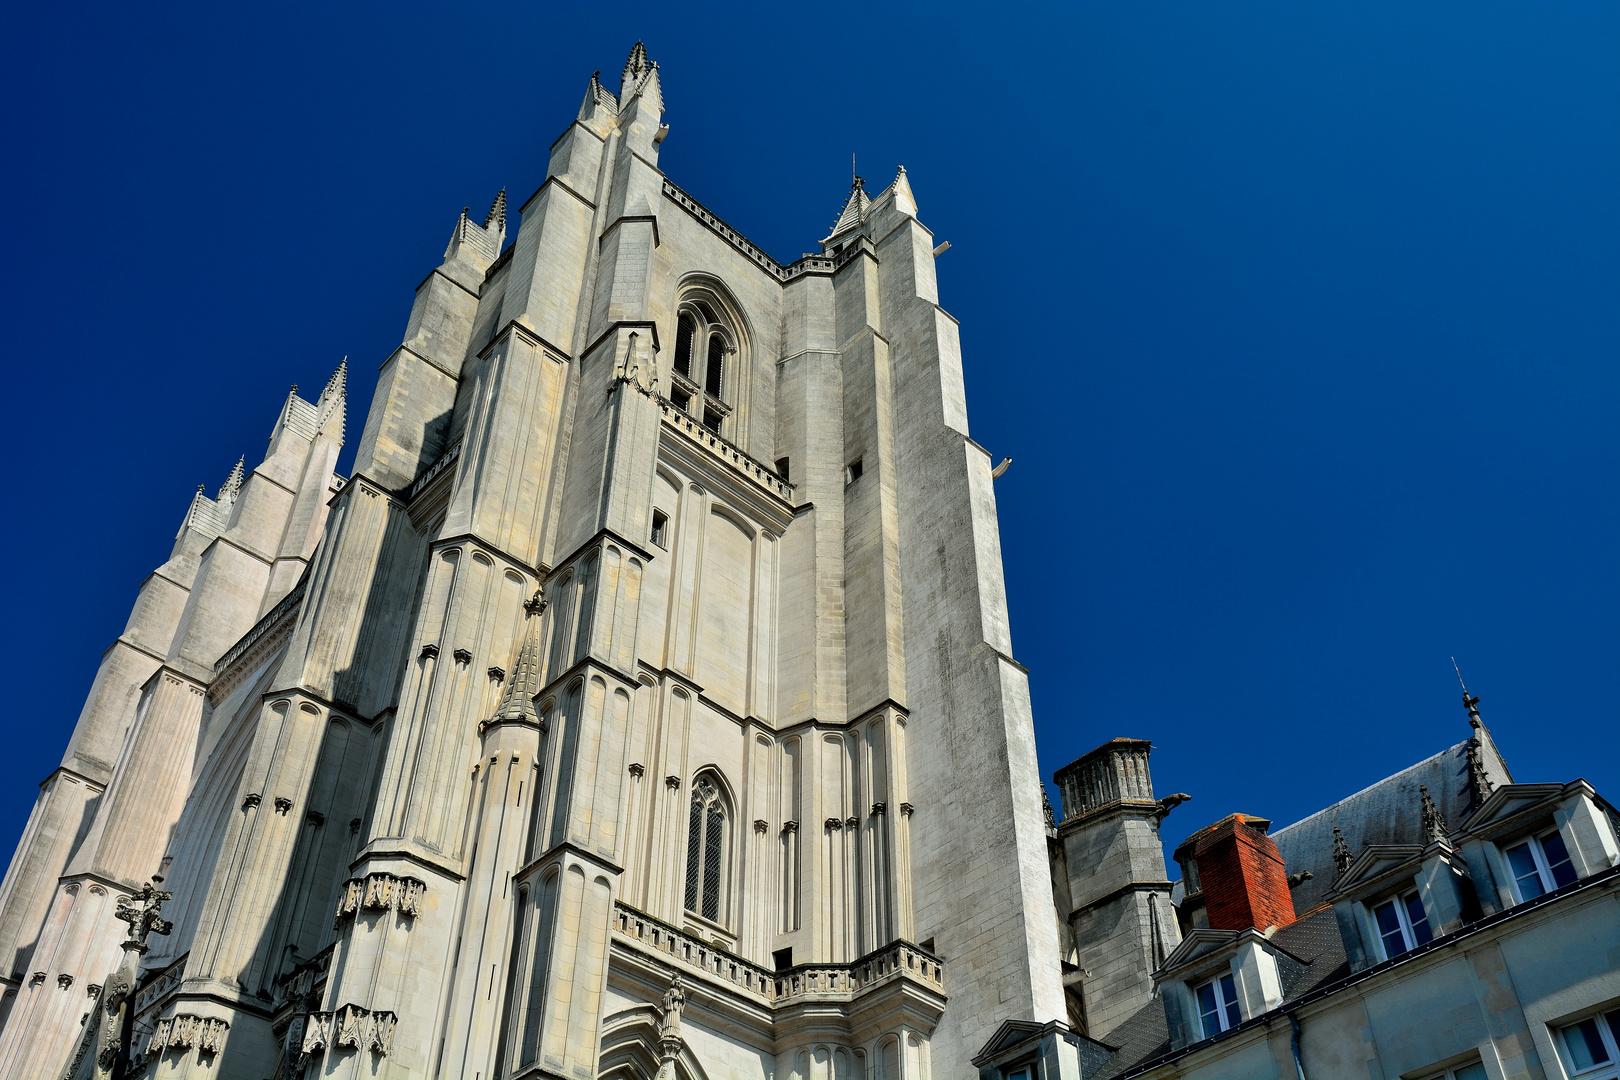 Cathedrale Saint-Pierre et Saint Paul in Nantes